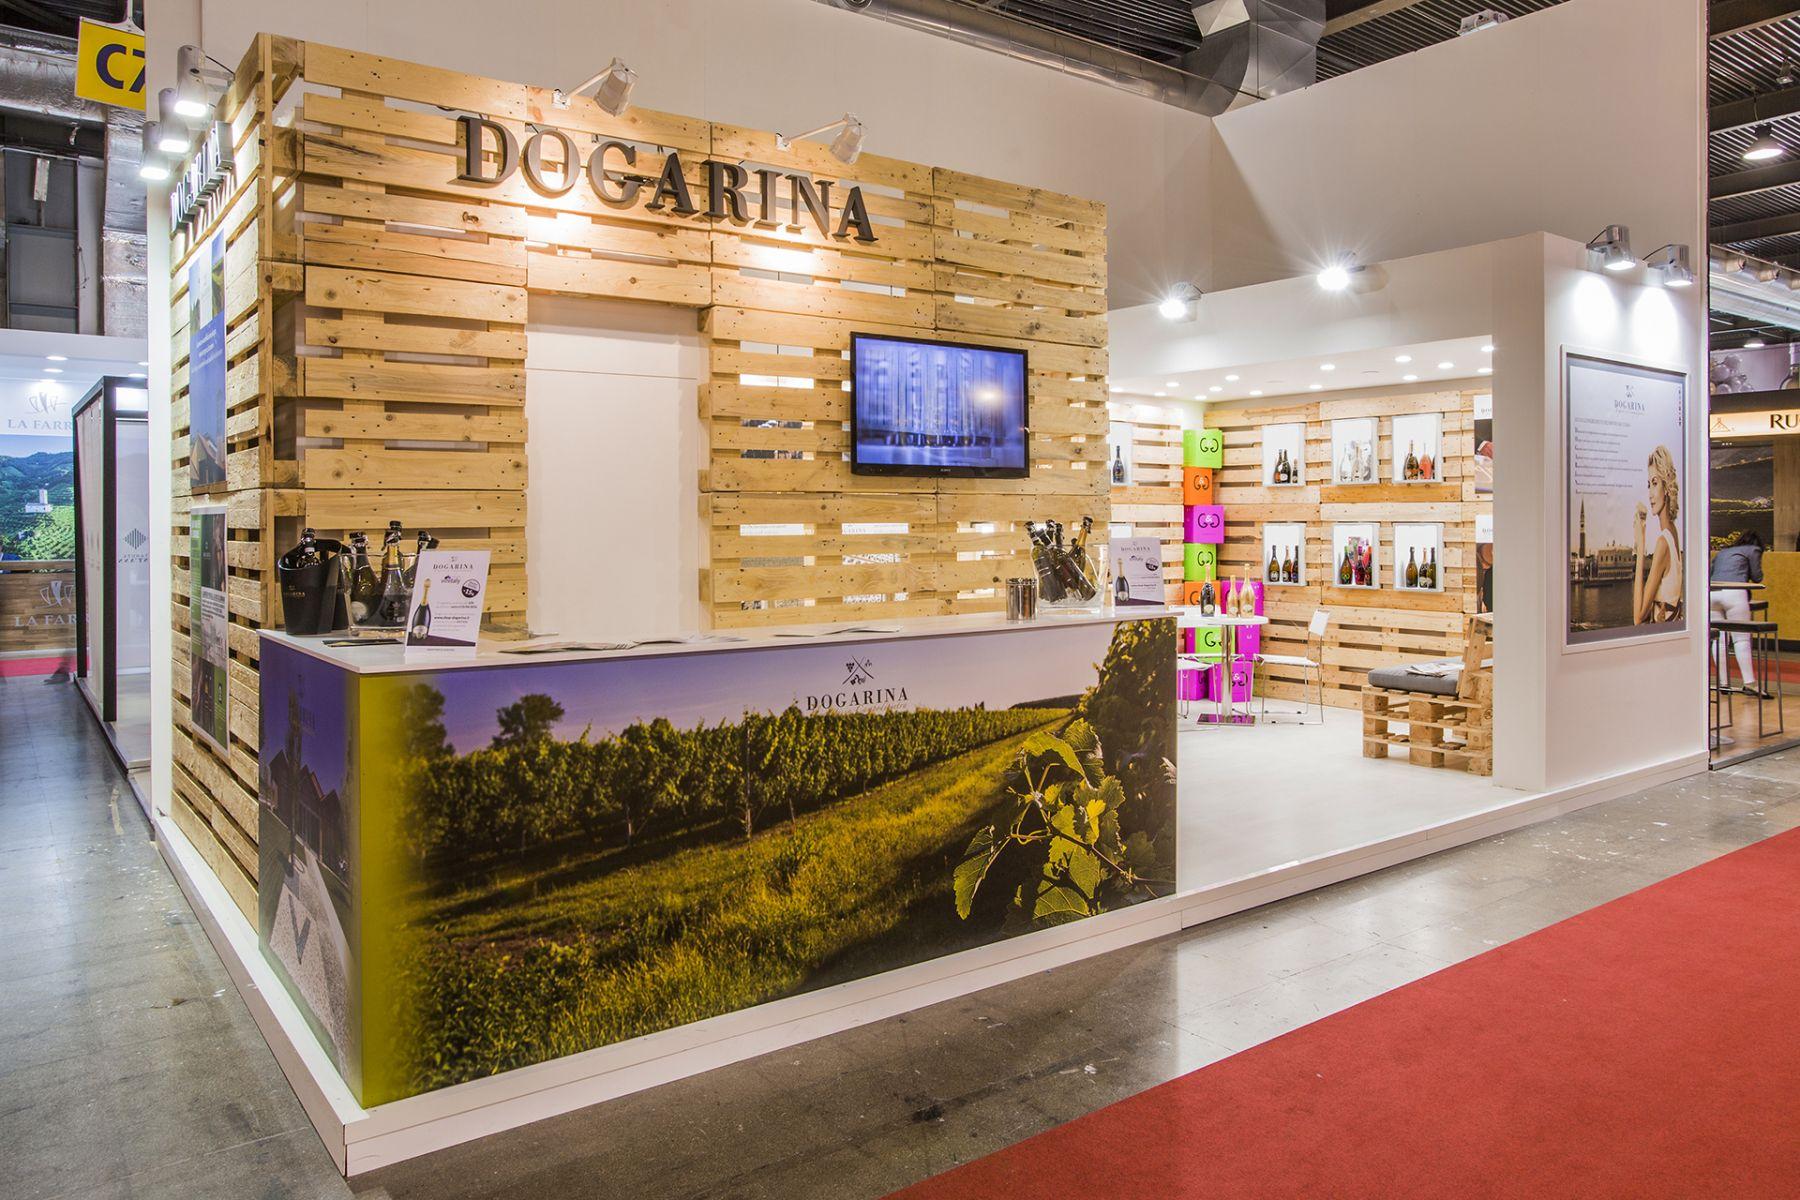 Molto Realizzazione Stand: VIGNA DOGARINA – VINITALY Verona 2016. costo  BX85